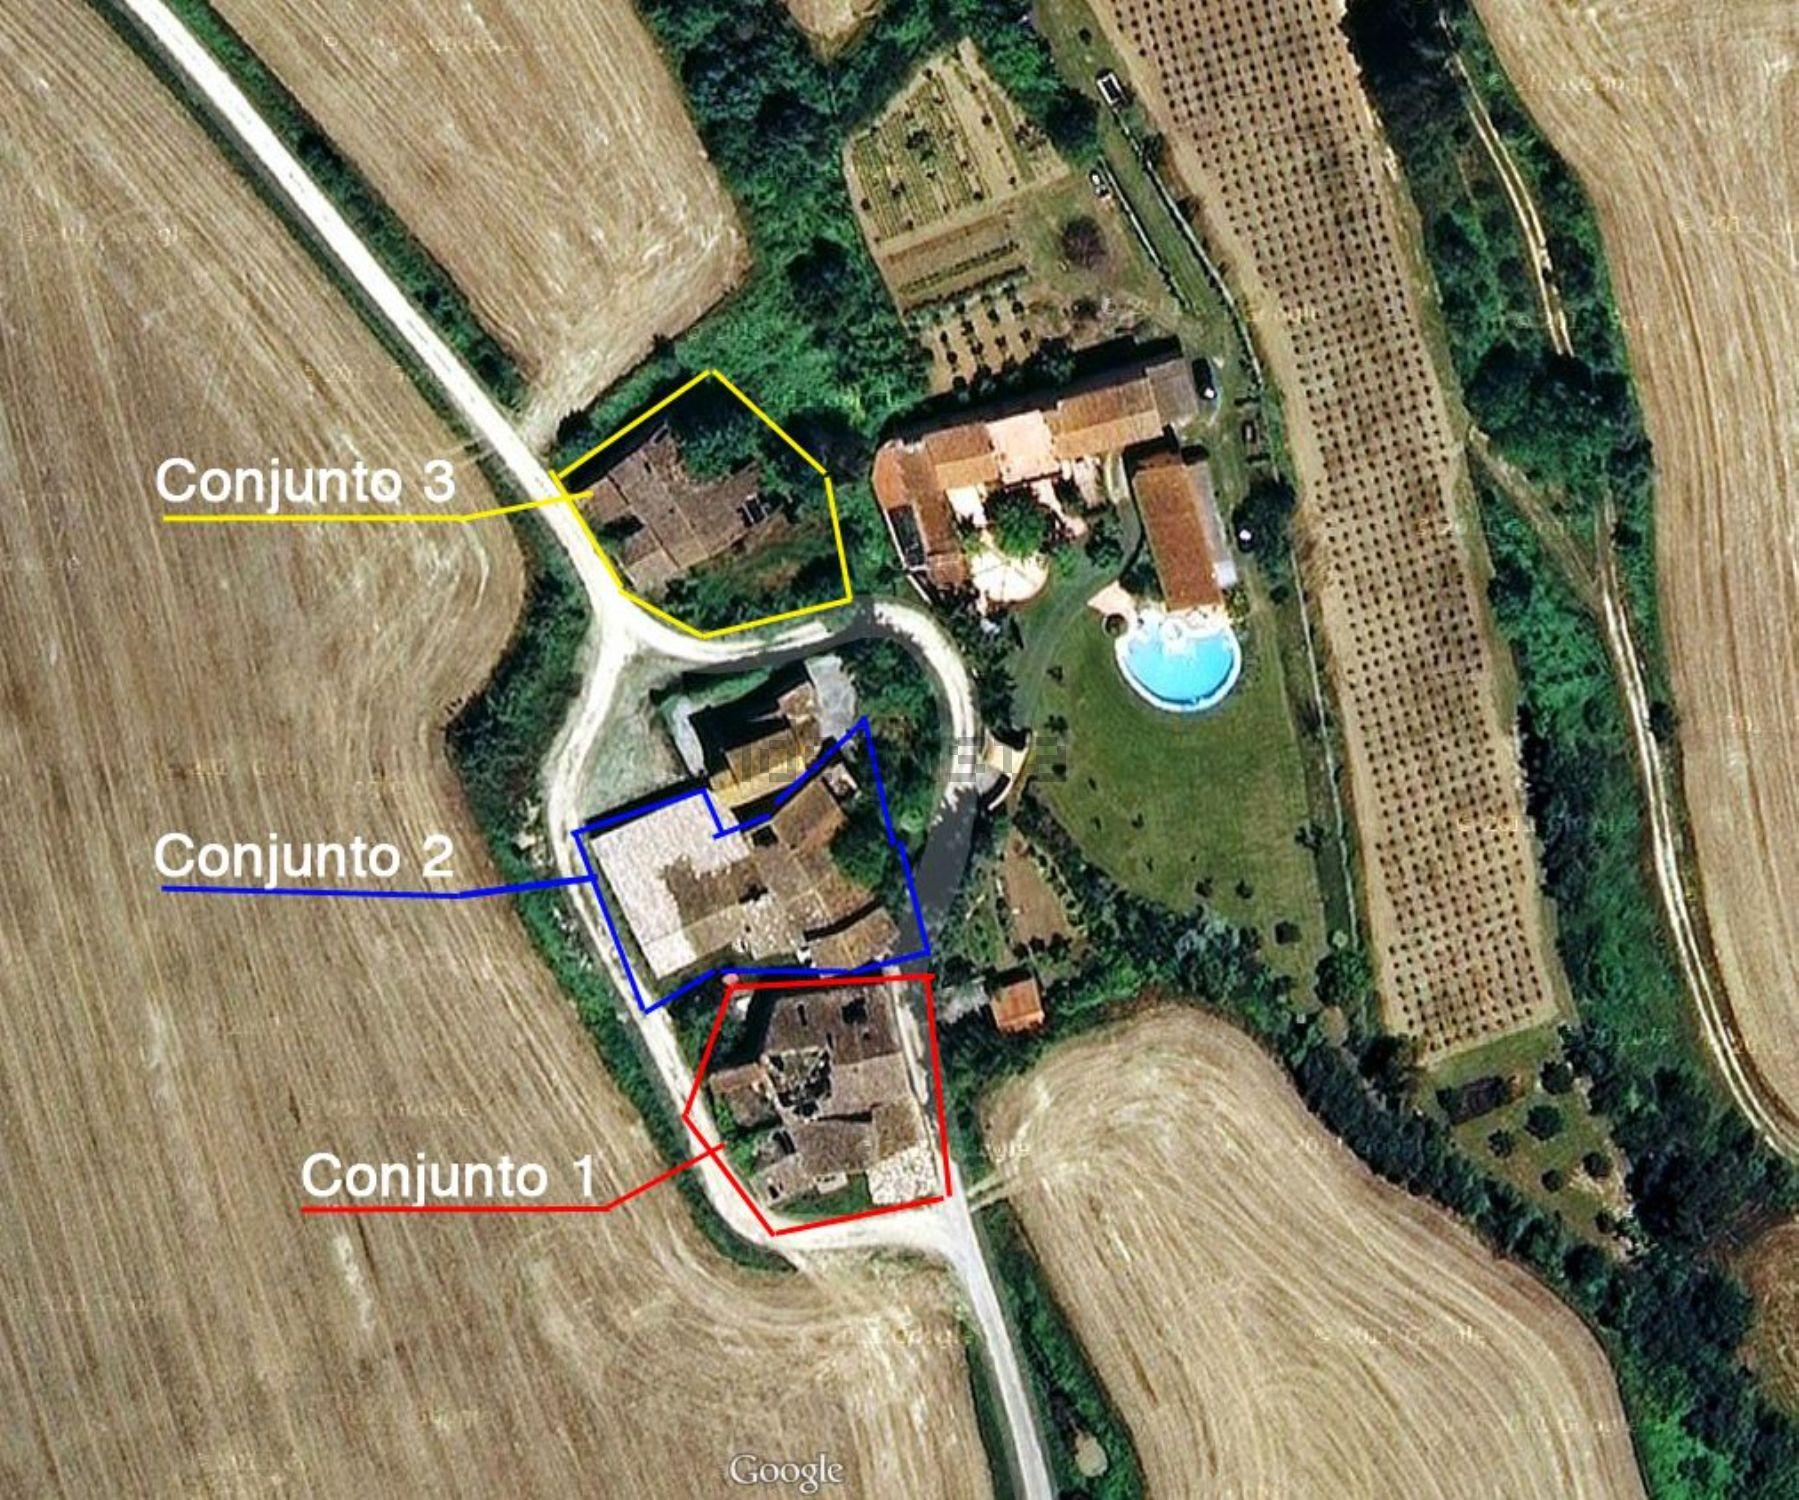 La propiedad vista desde el aire